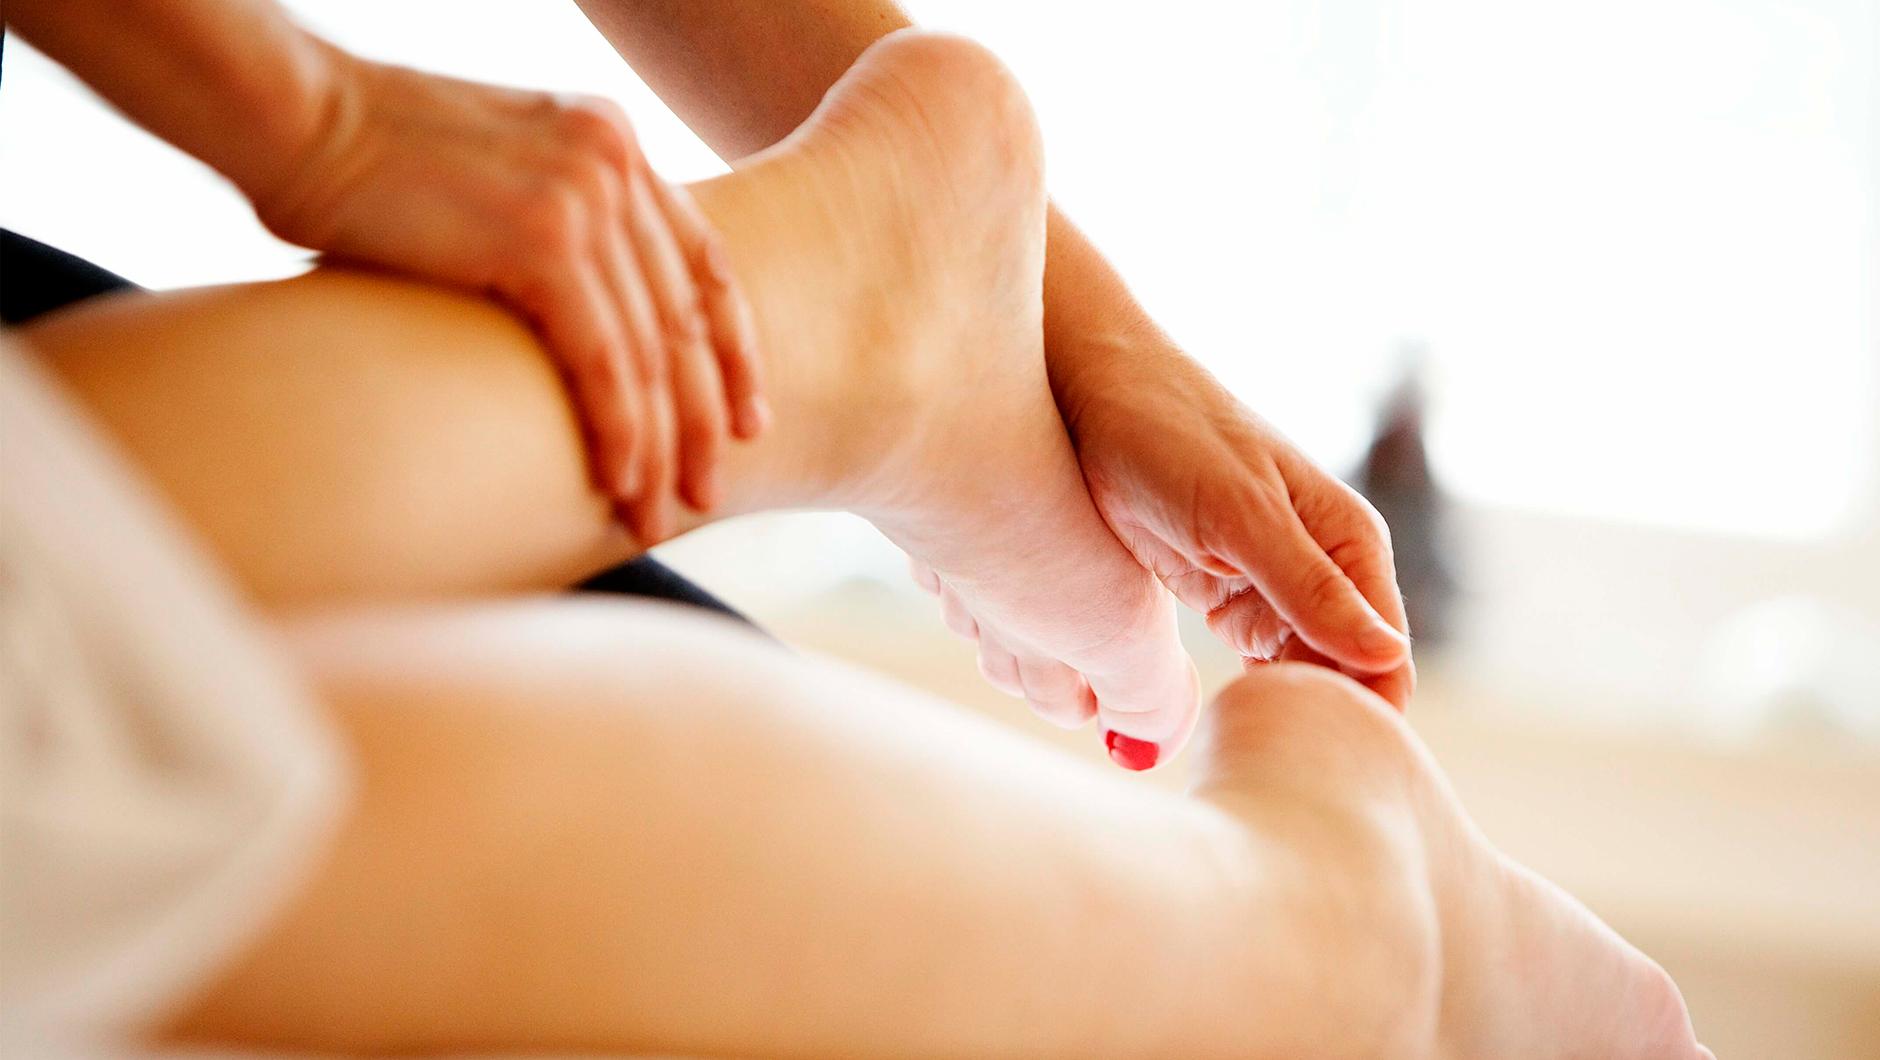 медицина массаж лижут ножки-уи1